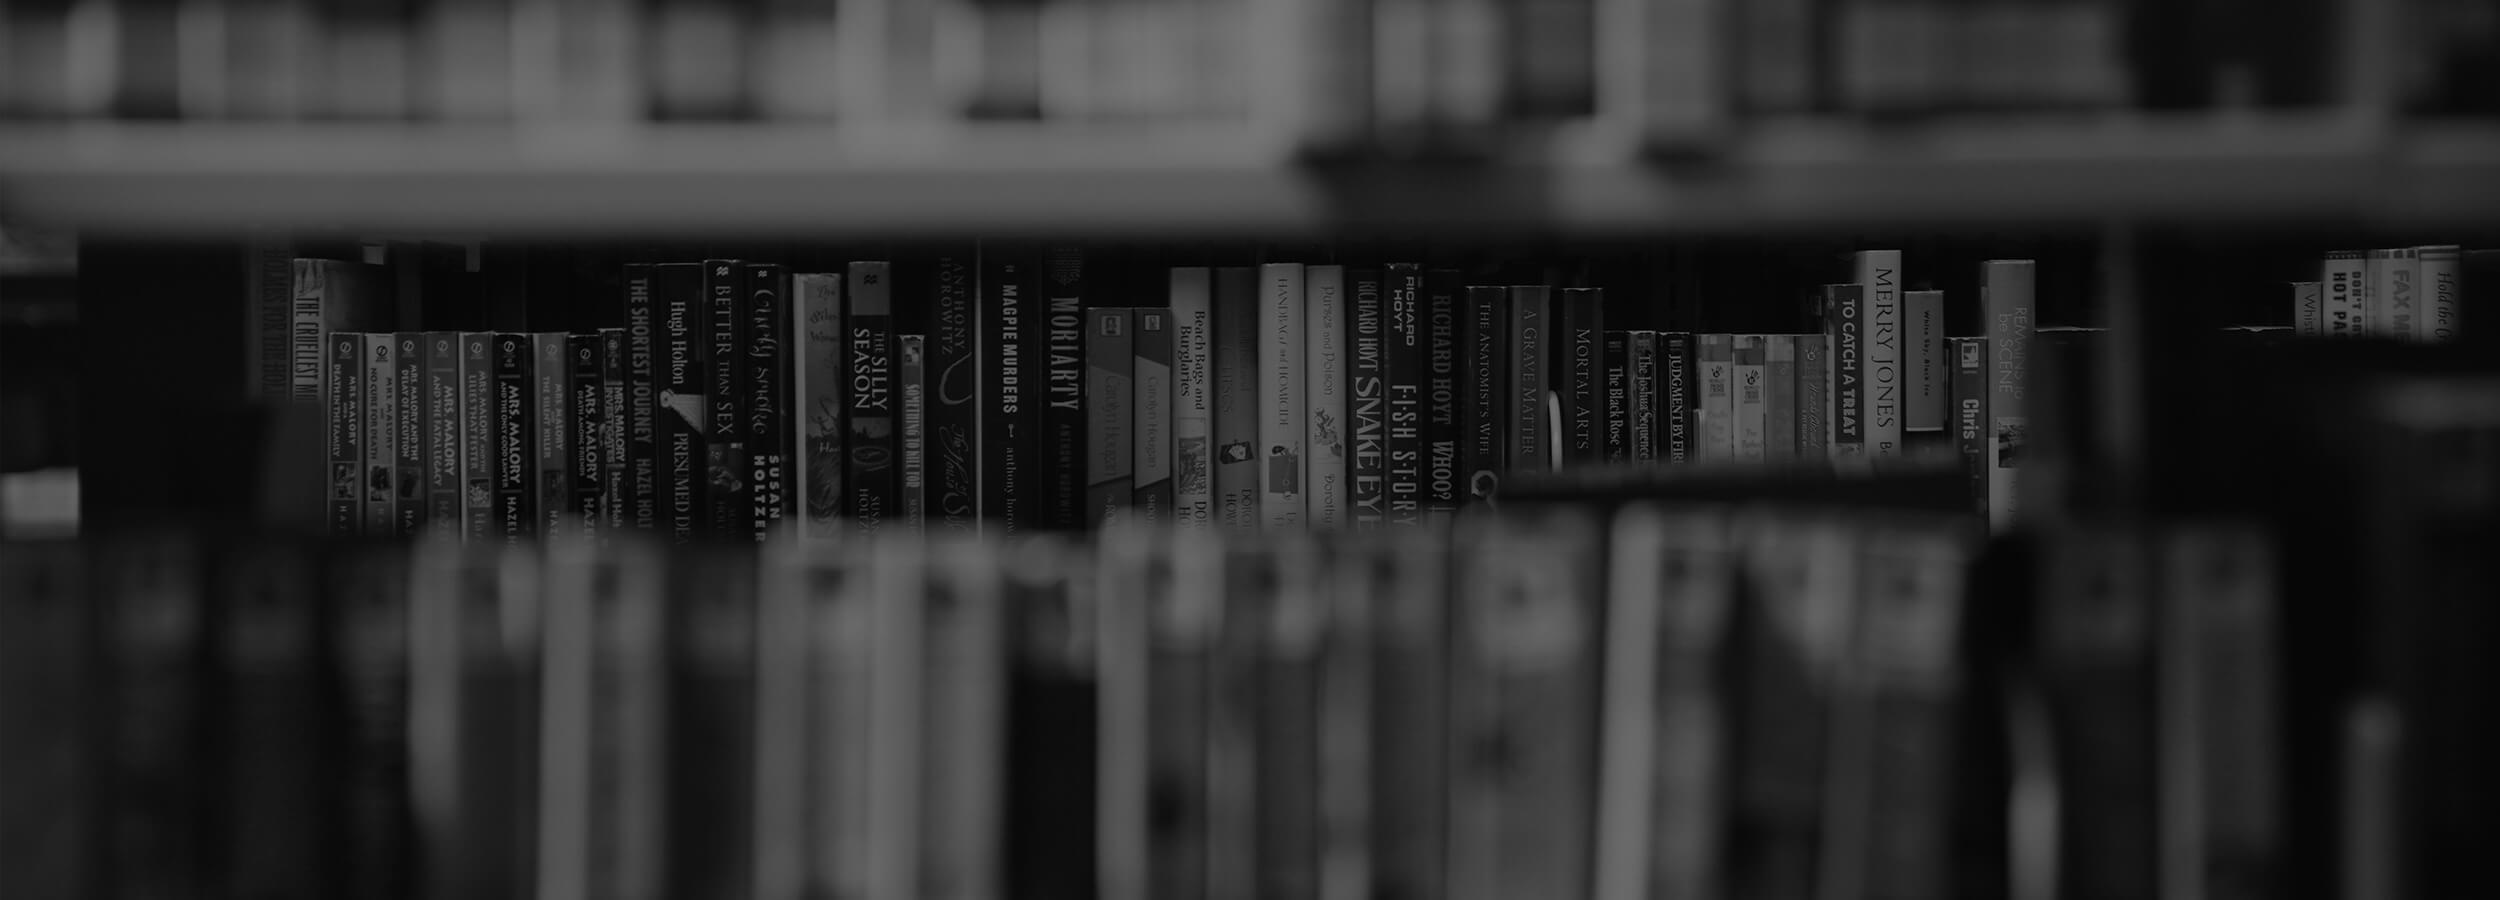 Knihy v knižnici čierno-biele